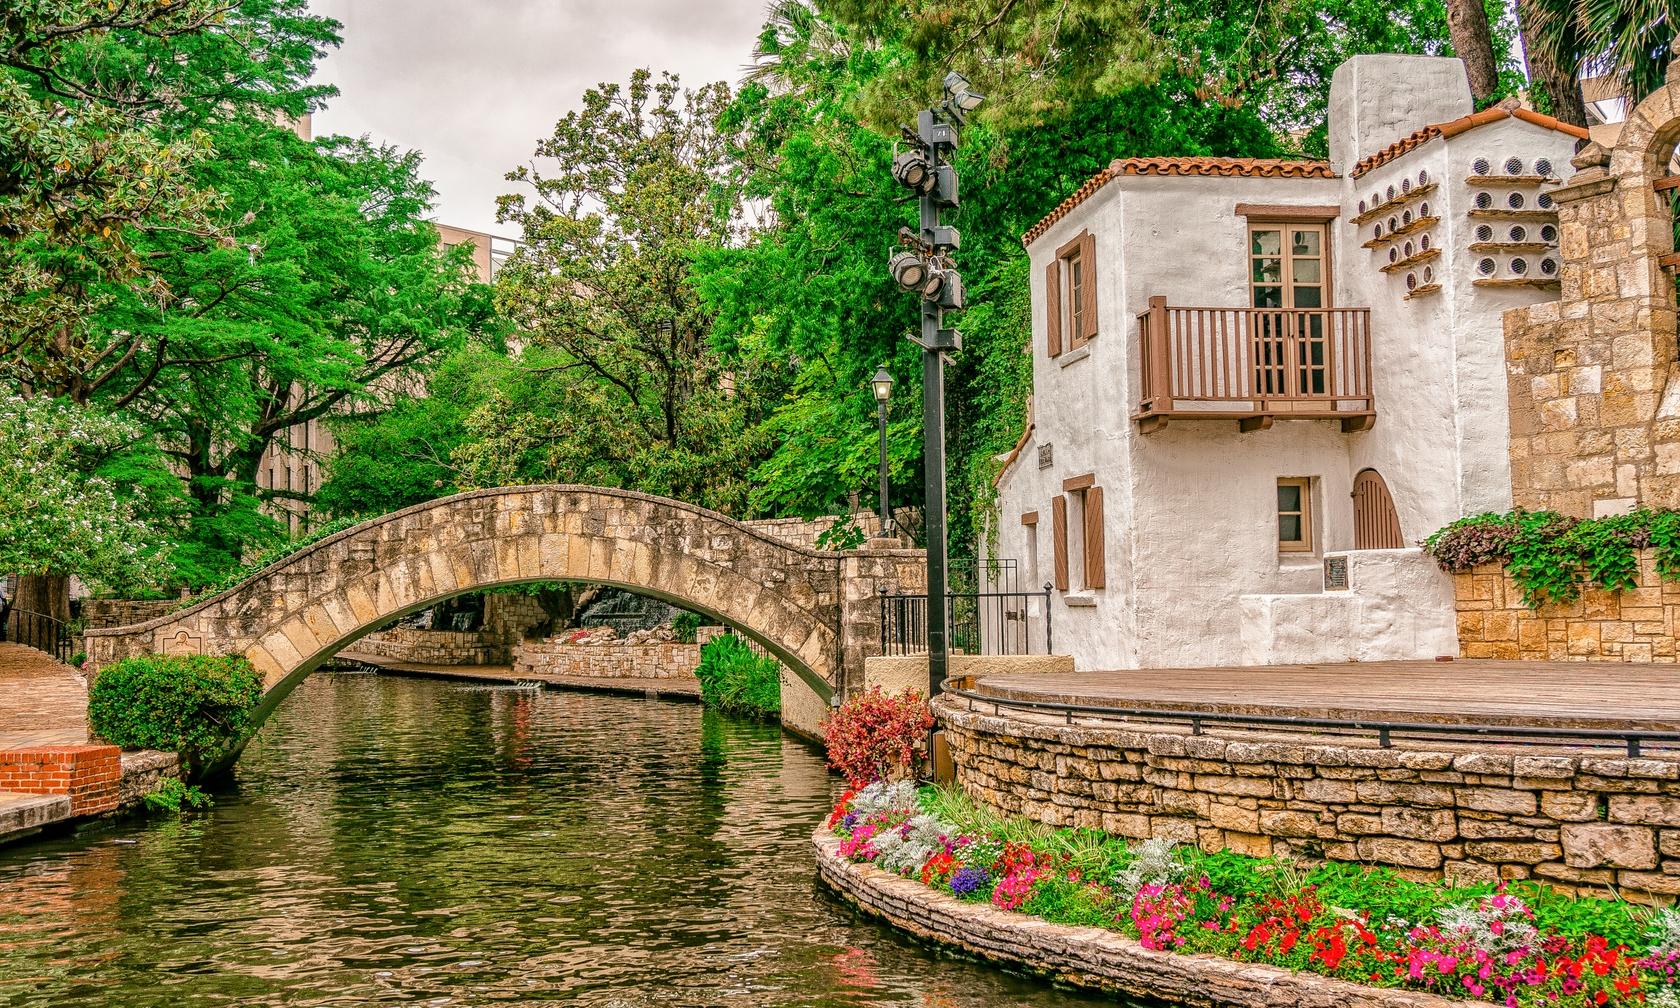 Vacation rental apartments in San Antonio